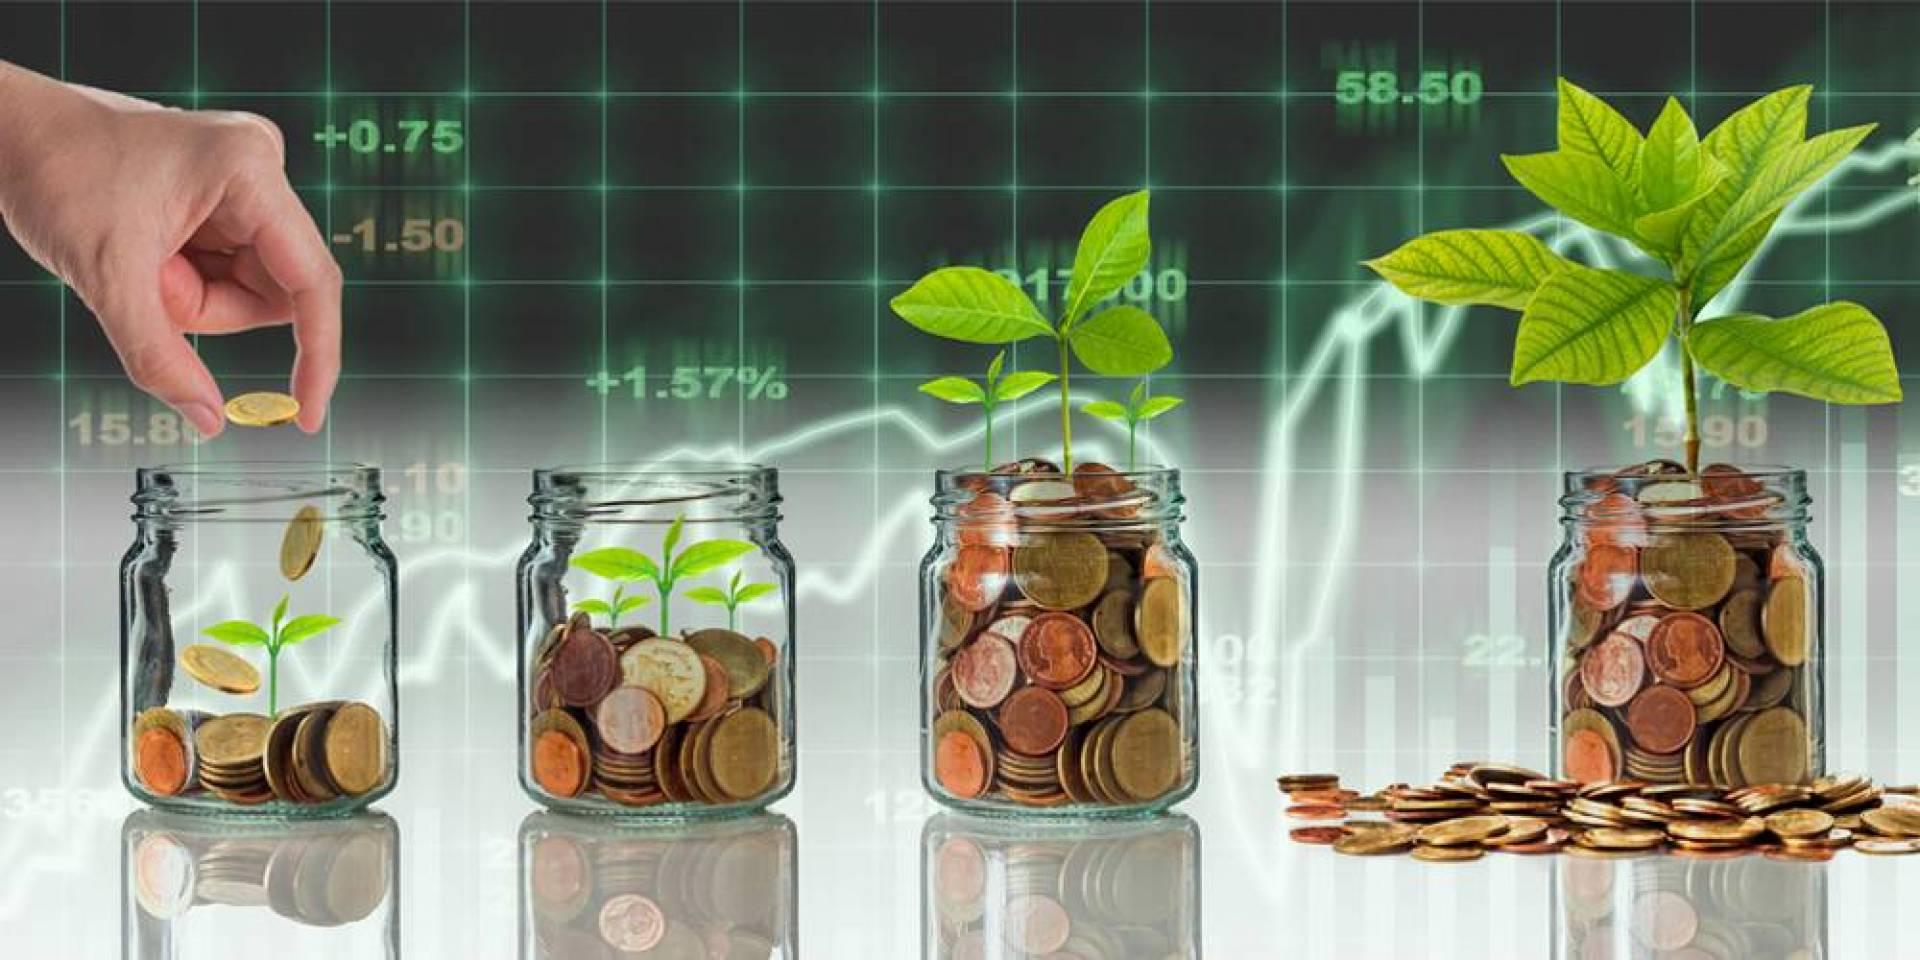 الحرية المالية عبر سوق الأسهم